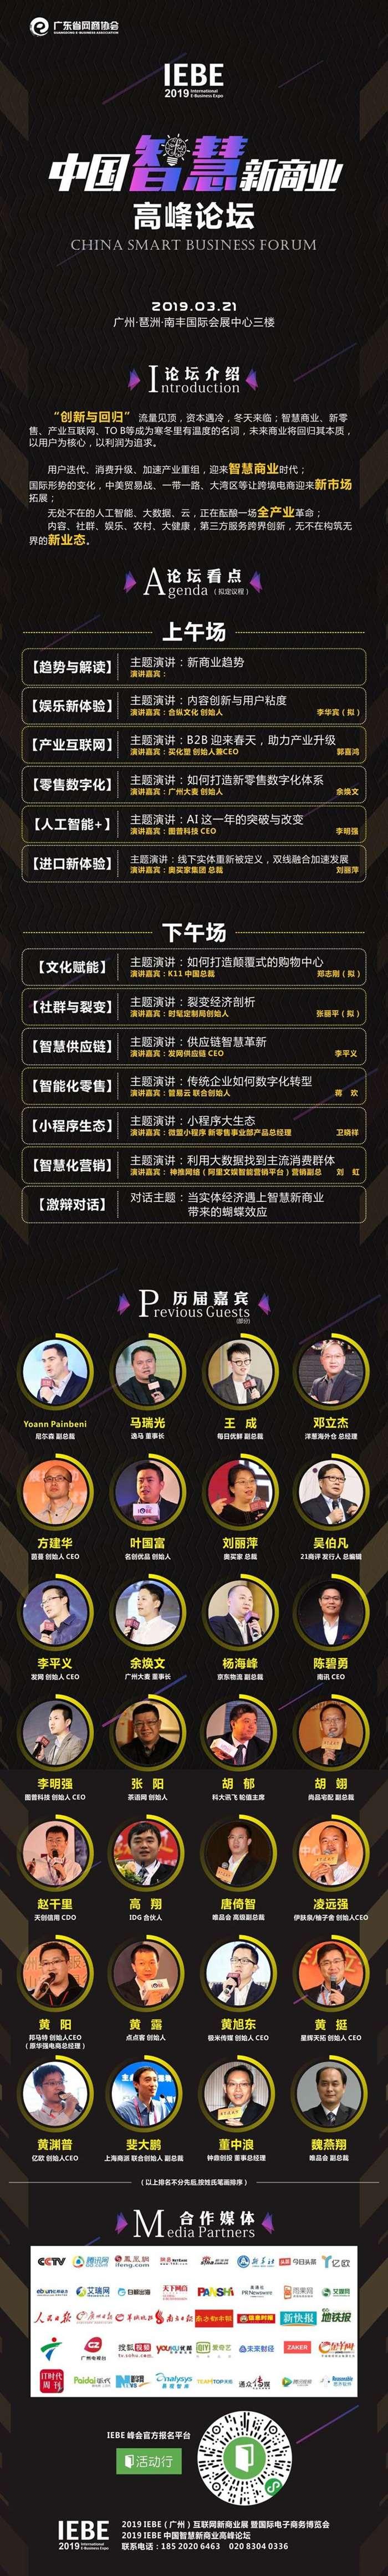 190121 2019智慧新商业峰会长图.jpg